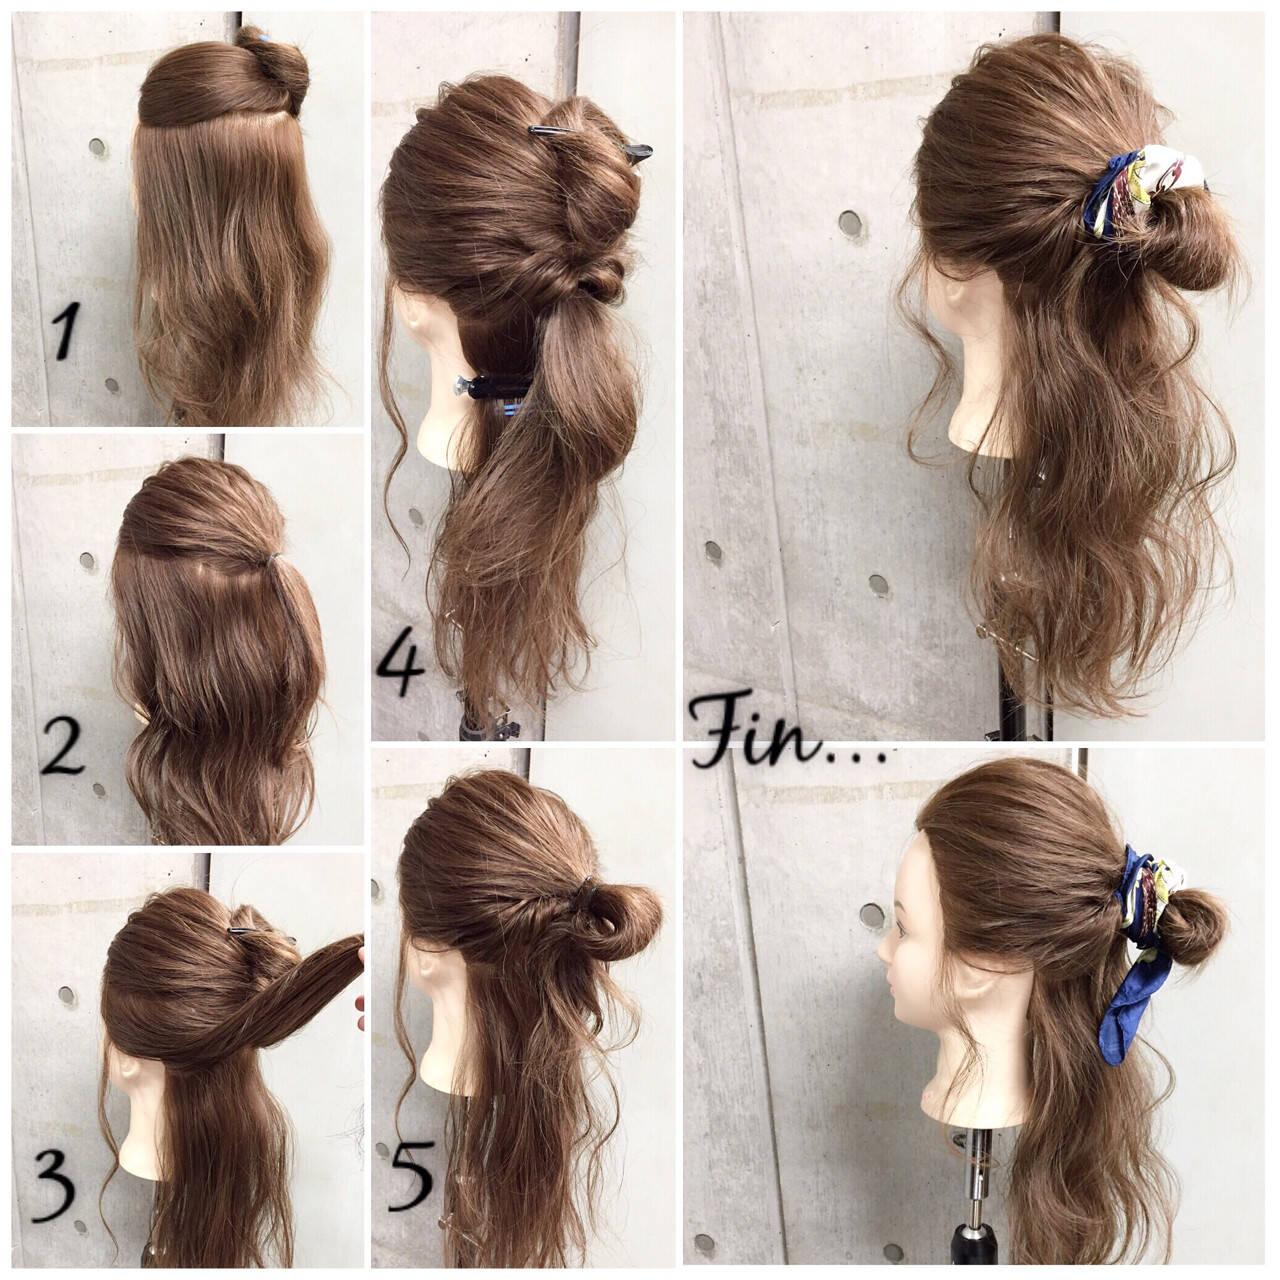 セミロング ヘアアクセ 簡単ヘアアレンジ ヘアアレンジヘアスタイルや髪型の写真・画像